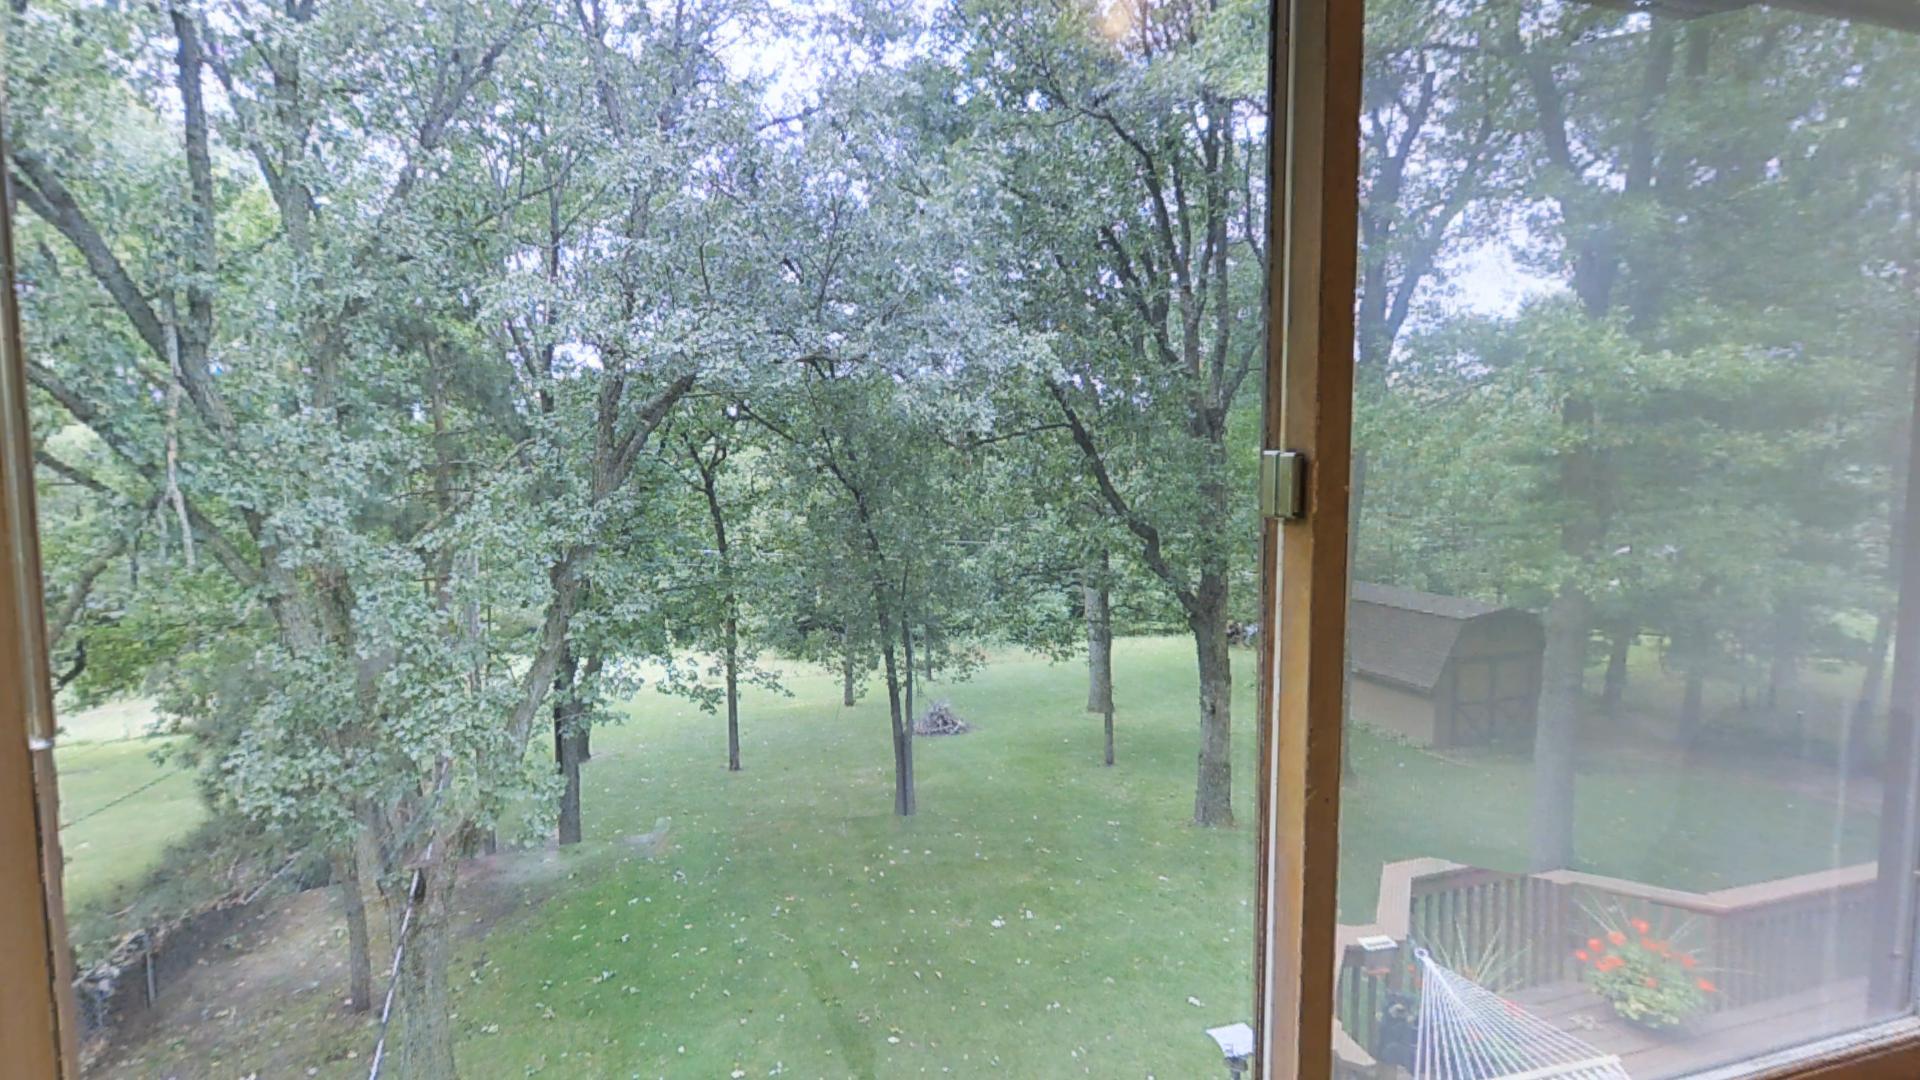 backyard view.jpg